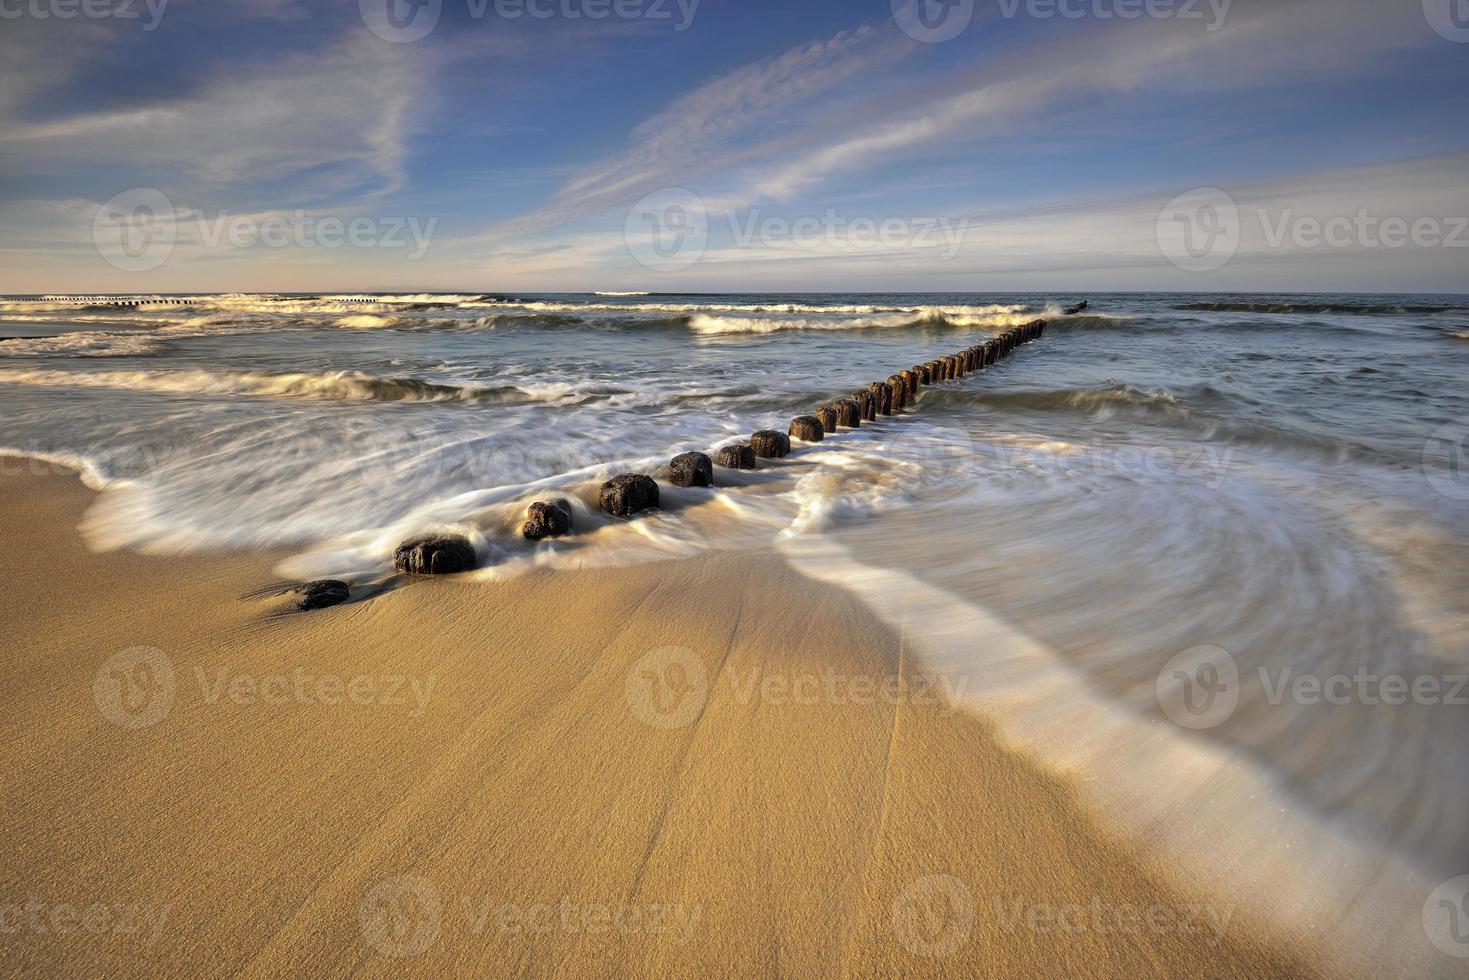 Mar Baltico in uno splendido paesaggio foto